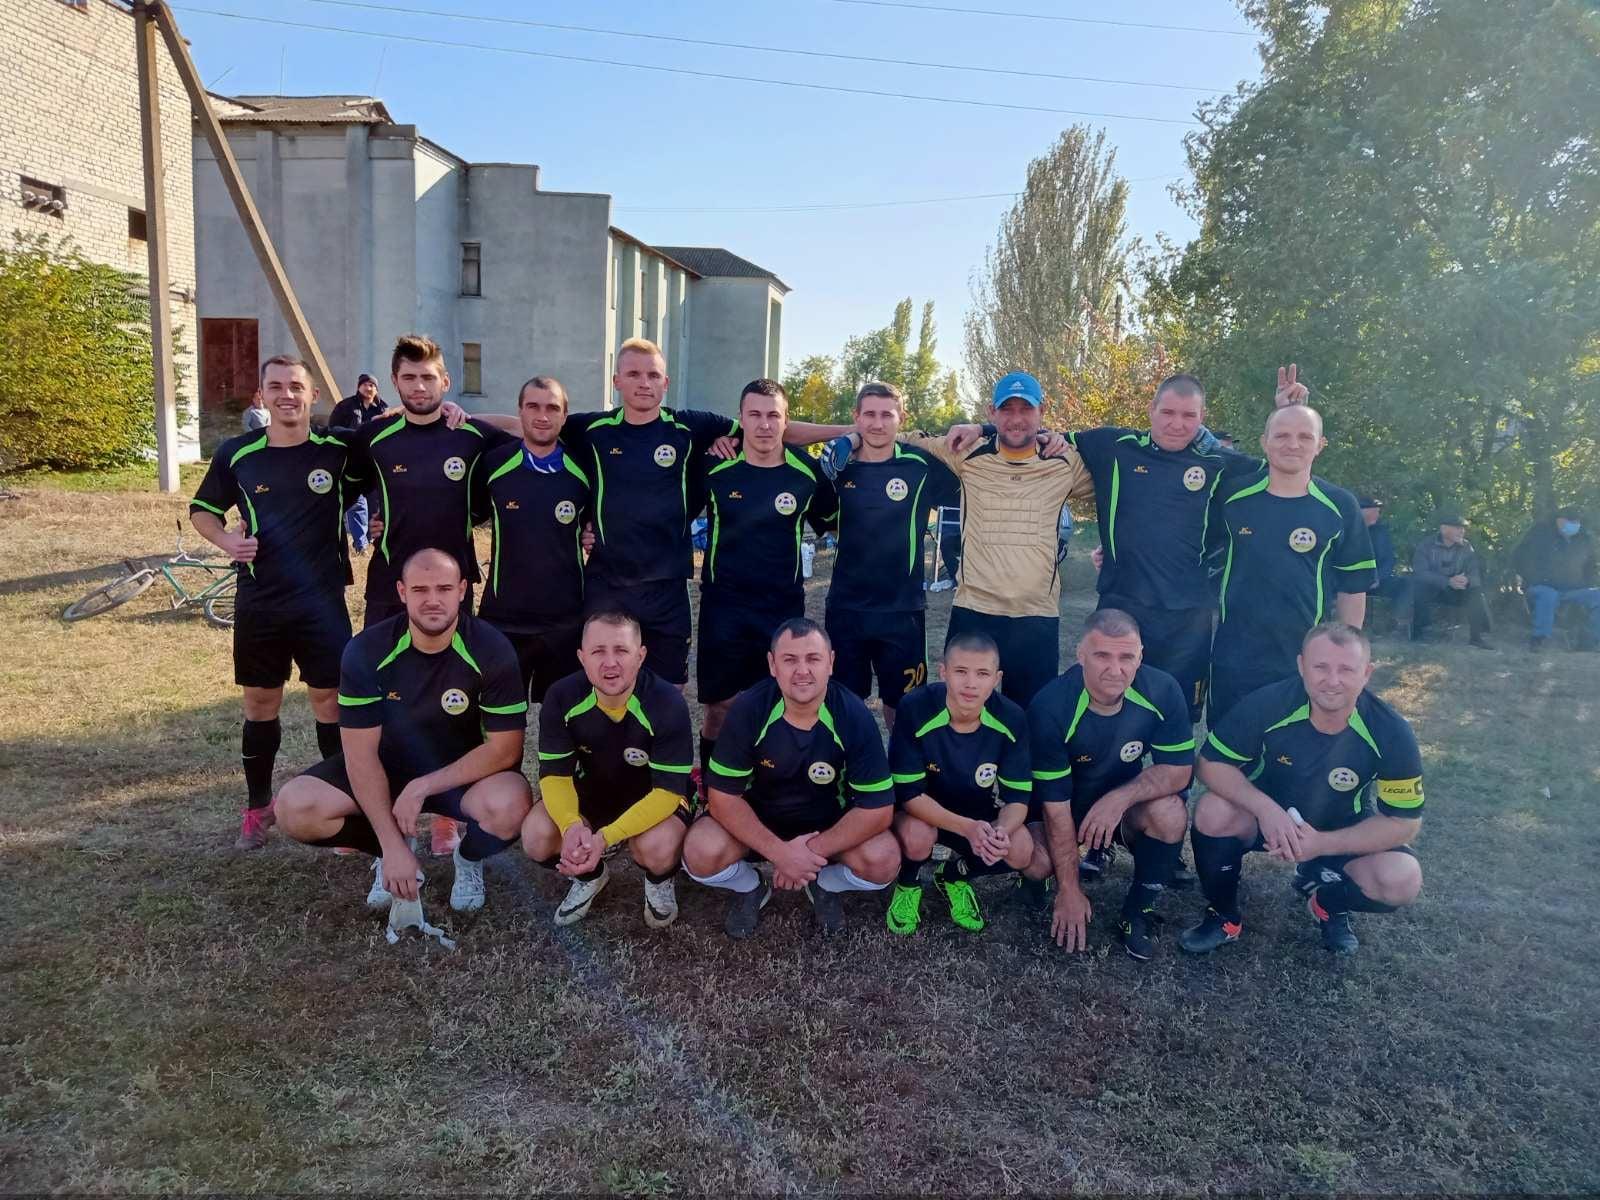 Білозерська футбольна ліга:  ПЕРЕМОЖЕЦЬ ПЕРШОЇ ЛІГИ ВЖЕ ВІДОМИЙ